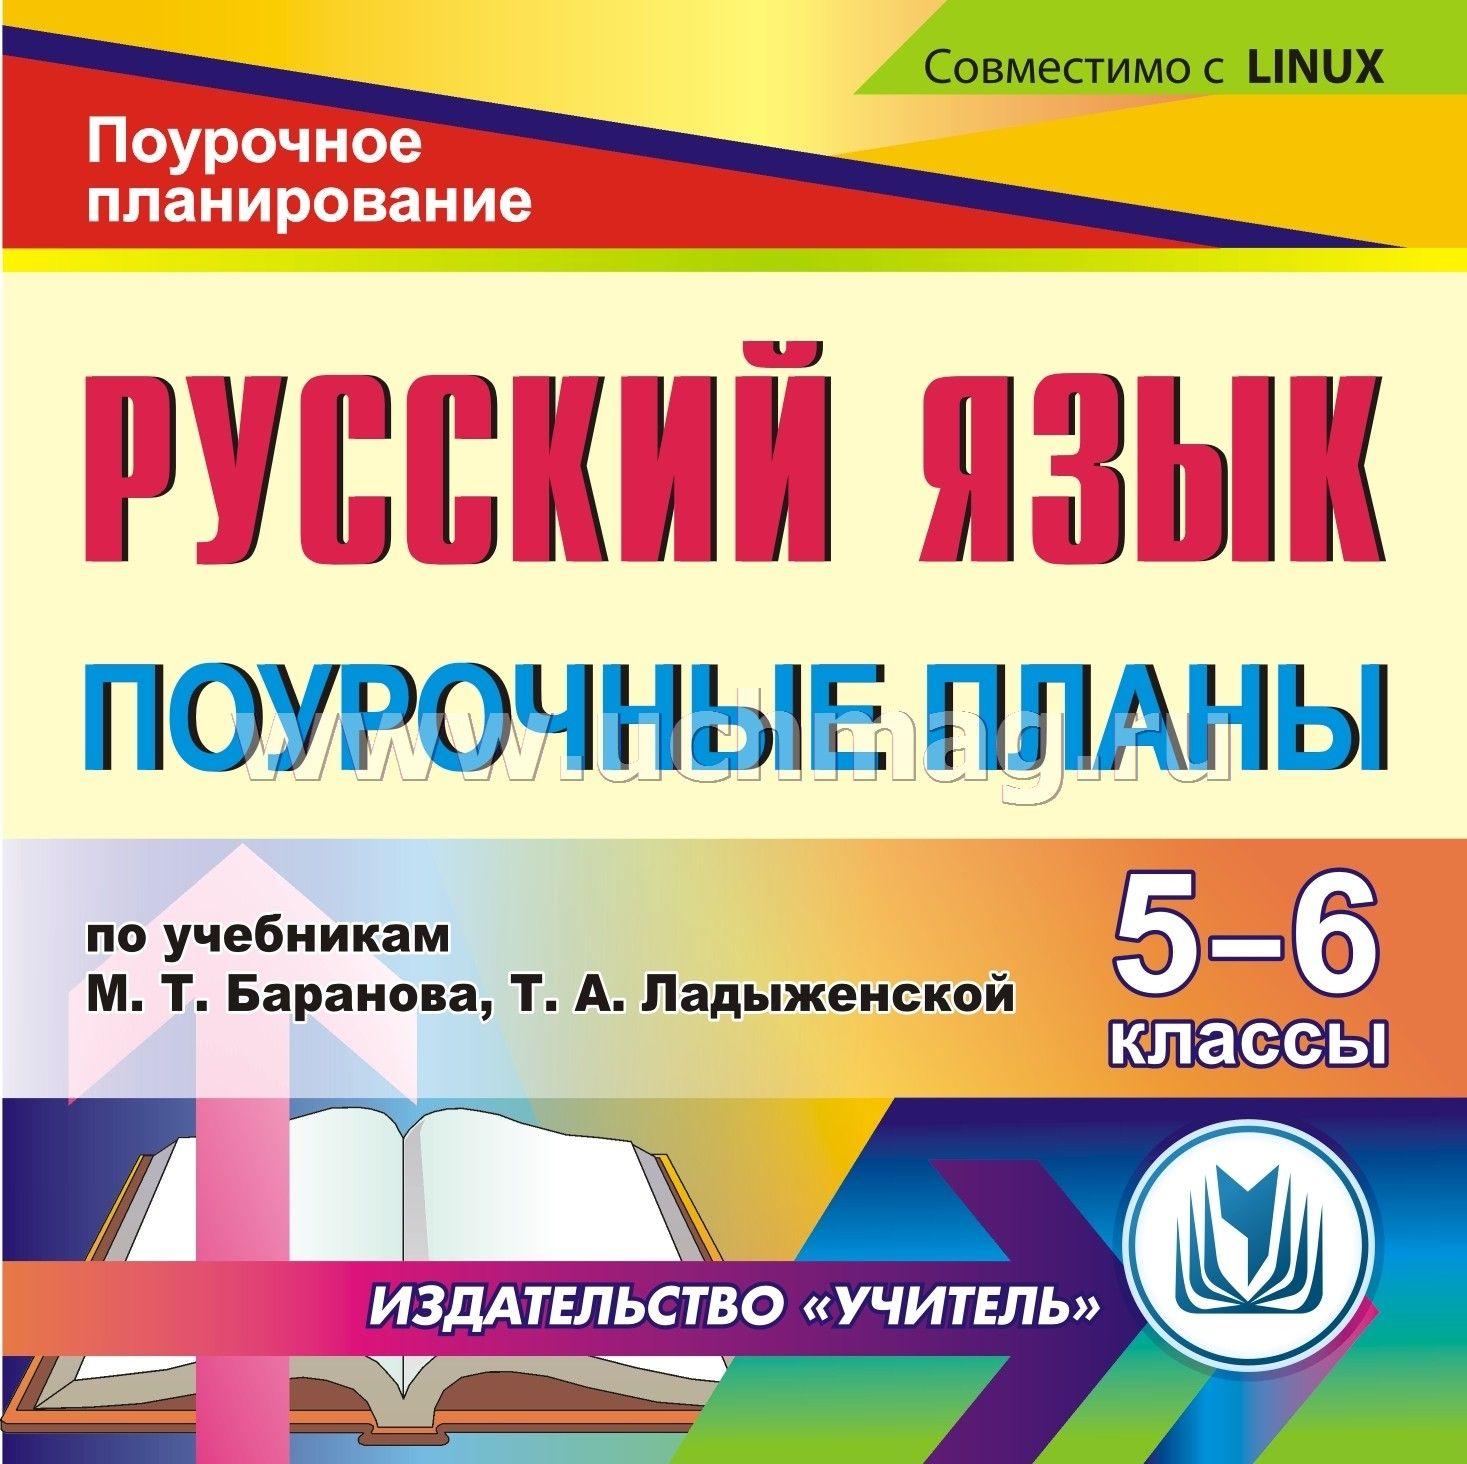 Конспекты уроков по русскому языку 6 класс волгоград